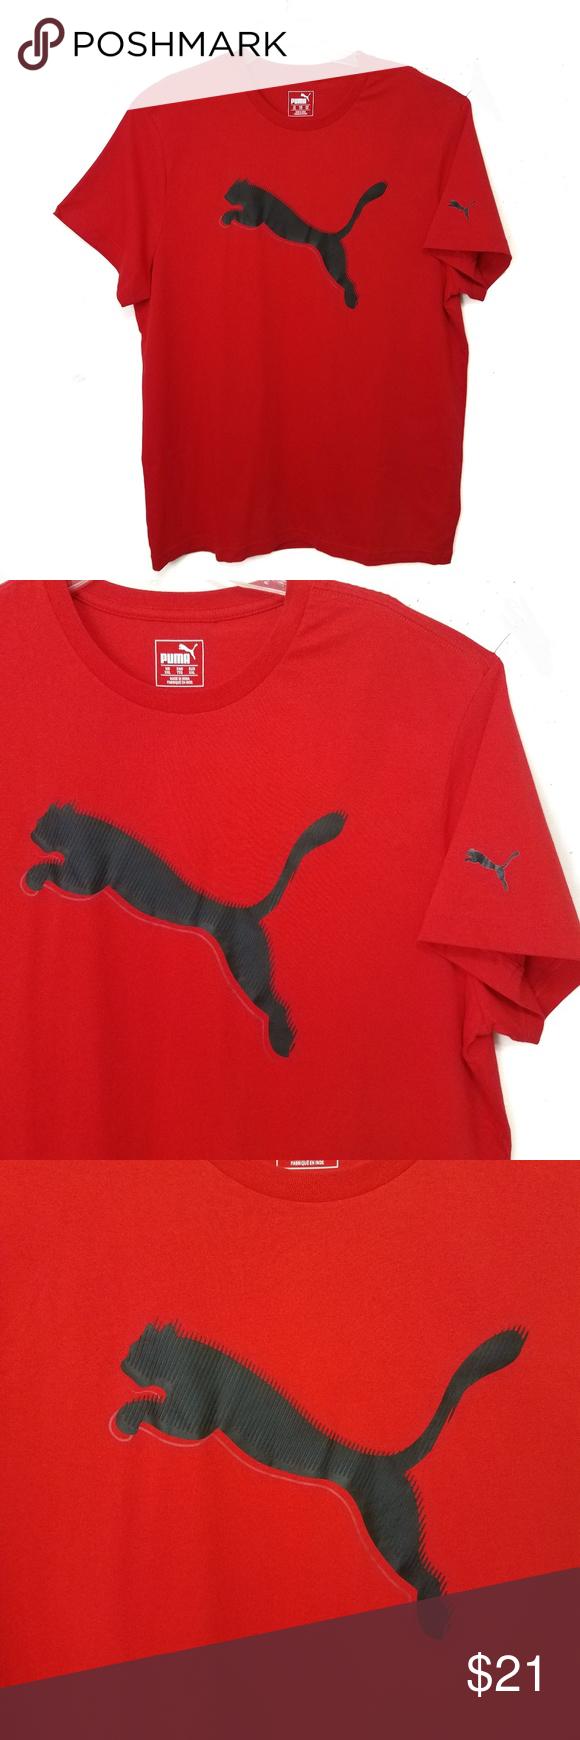 Nwt Puma T Shirt Red Slash Cat Sz 2x Puma Shirts Puma Tshirt Cotton Tshirt